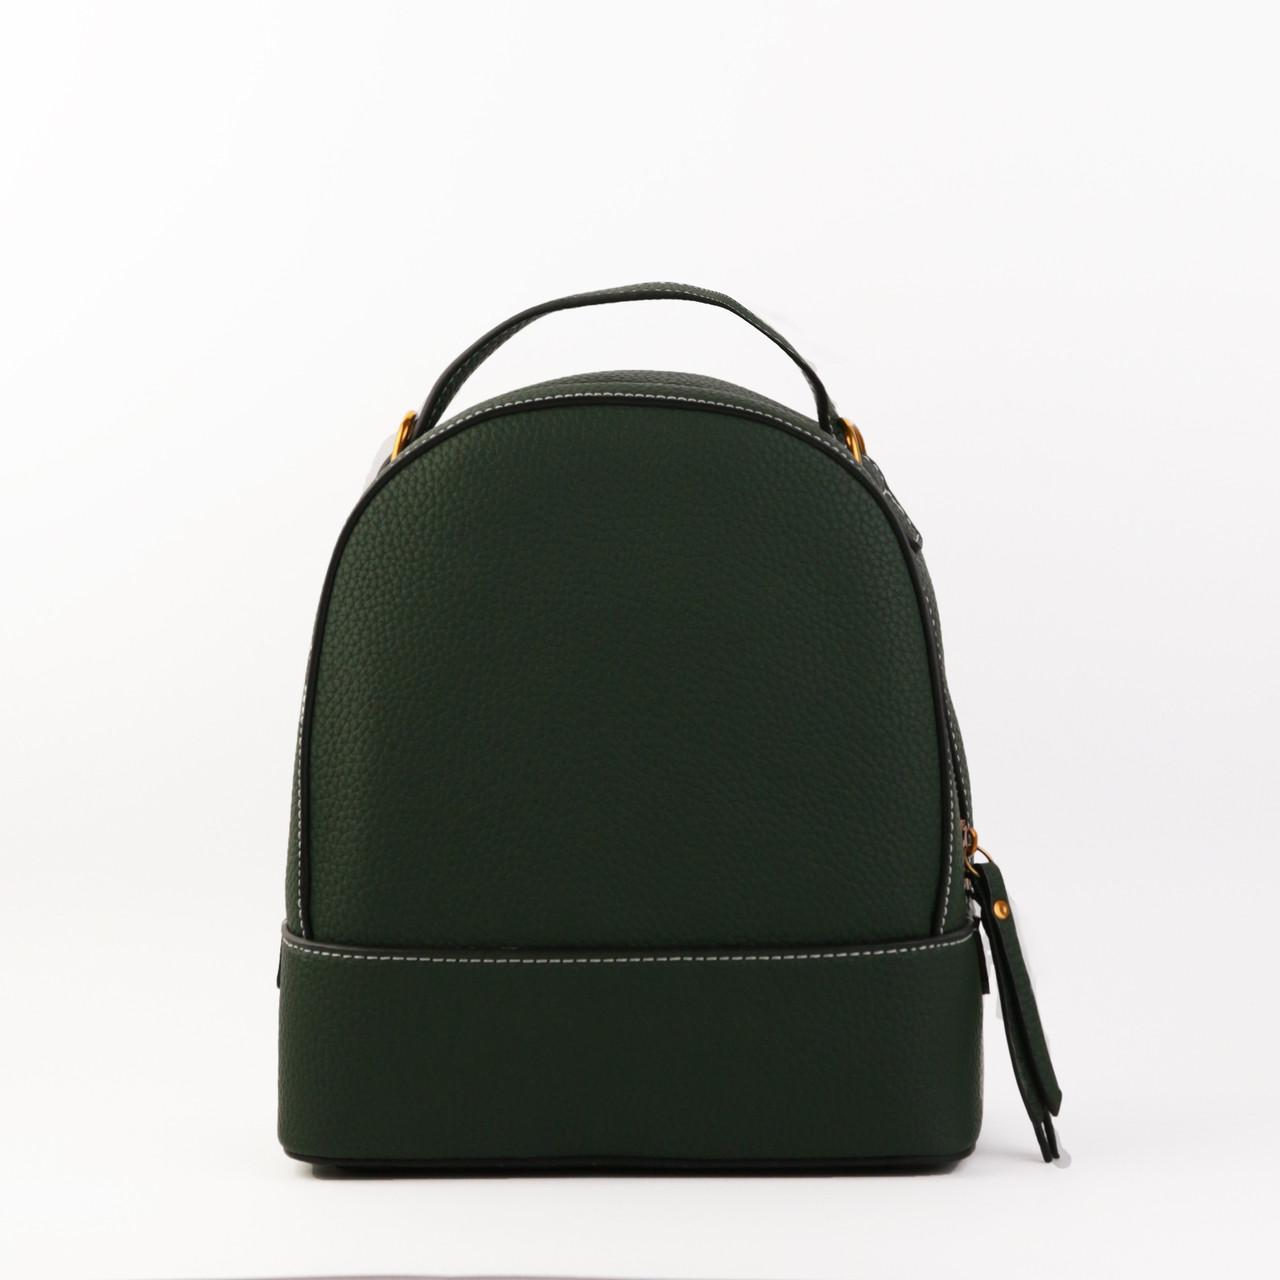 fb1e32f58fd6 Кожаный рюкзак-сумка женский зеленый , цена 1 114,20 грн., купить в ...